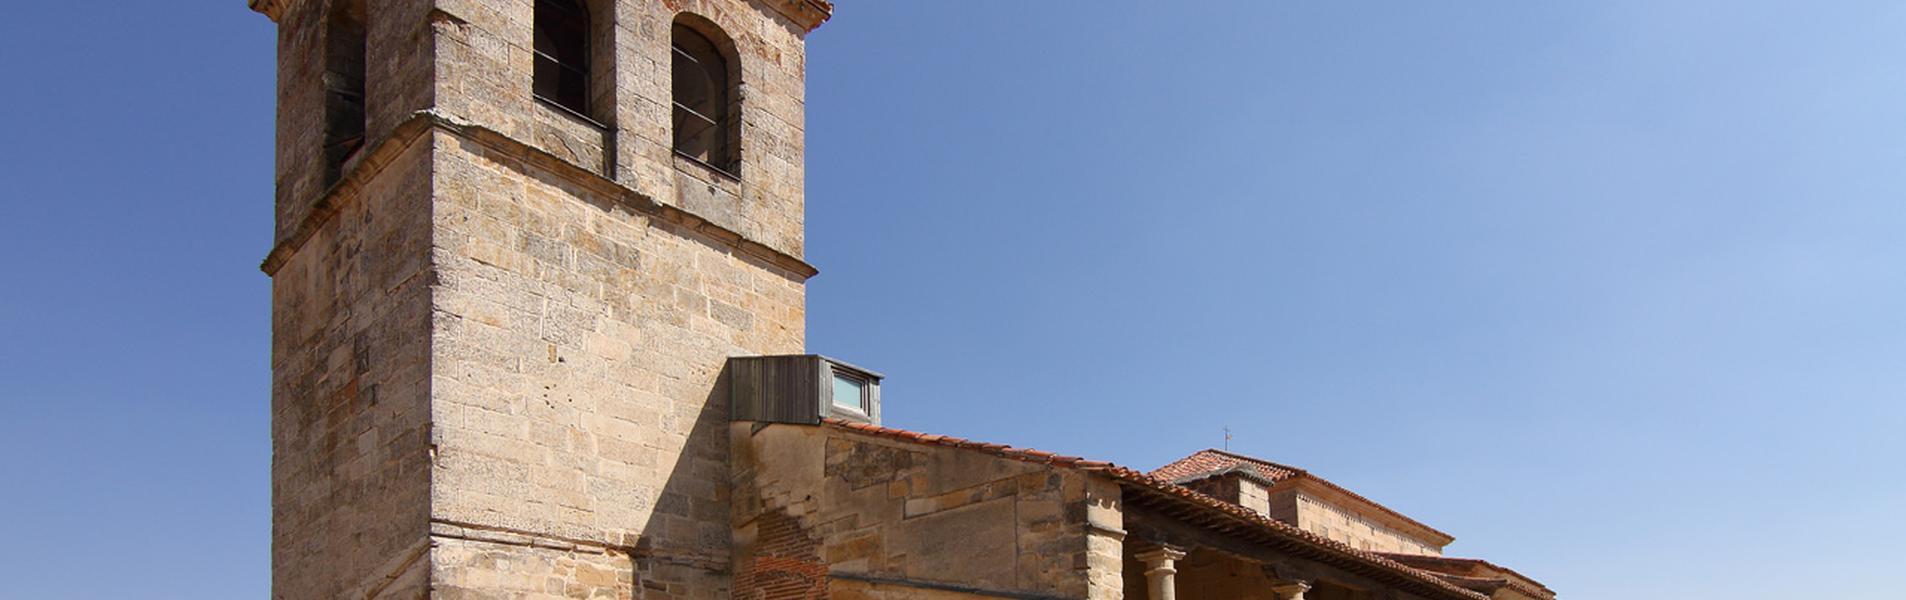 Palencia de Negrilla